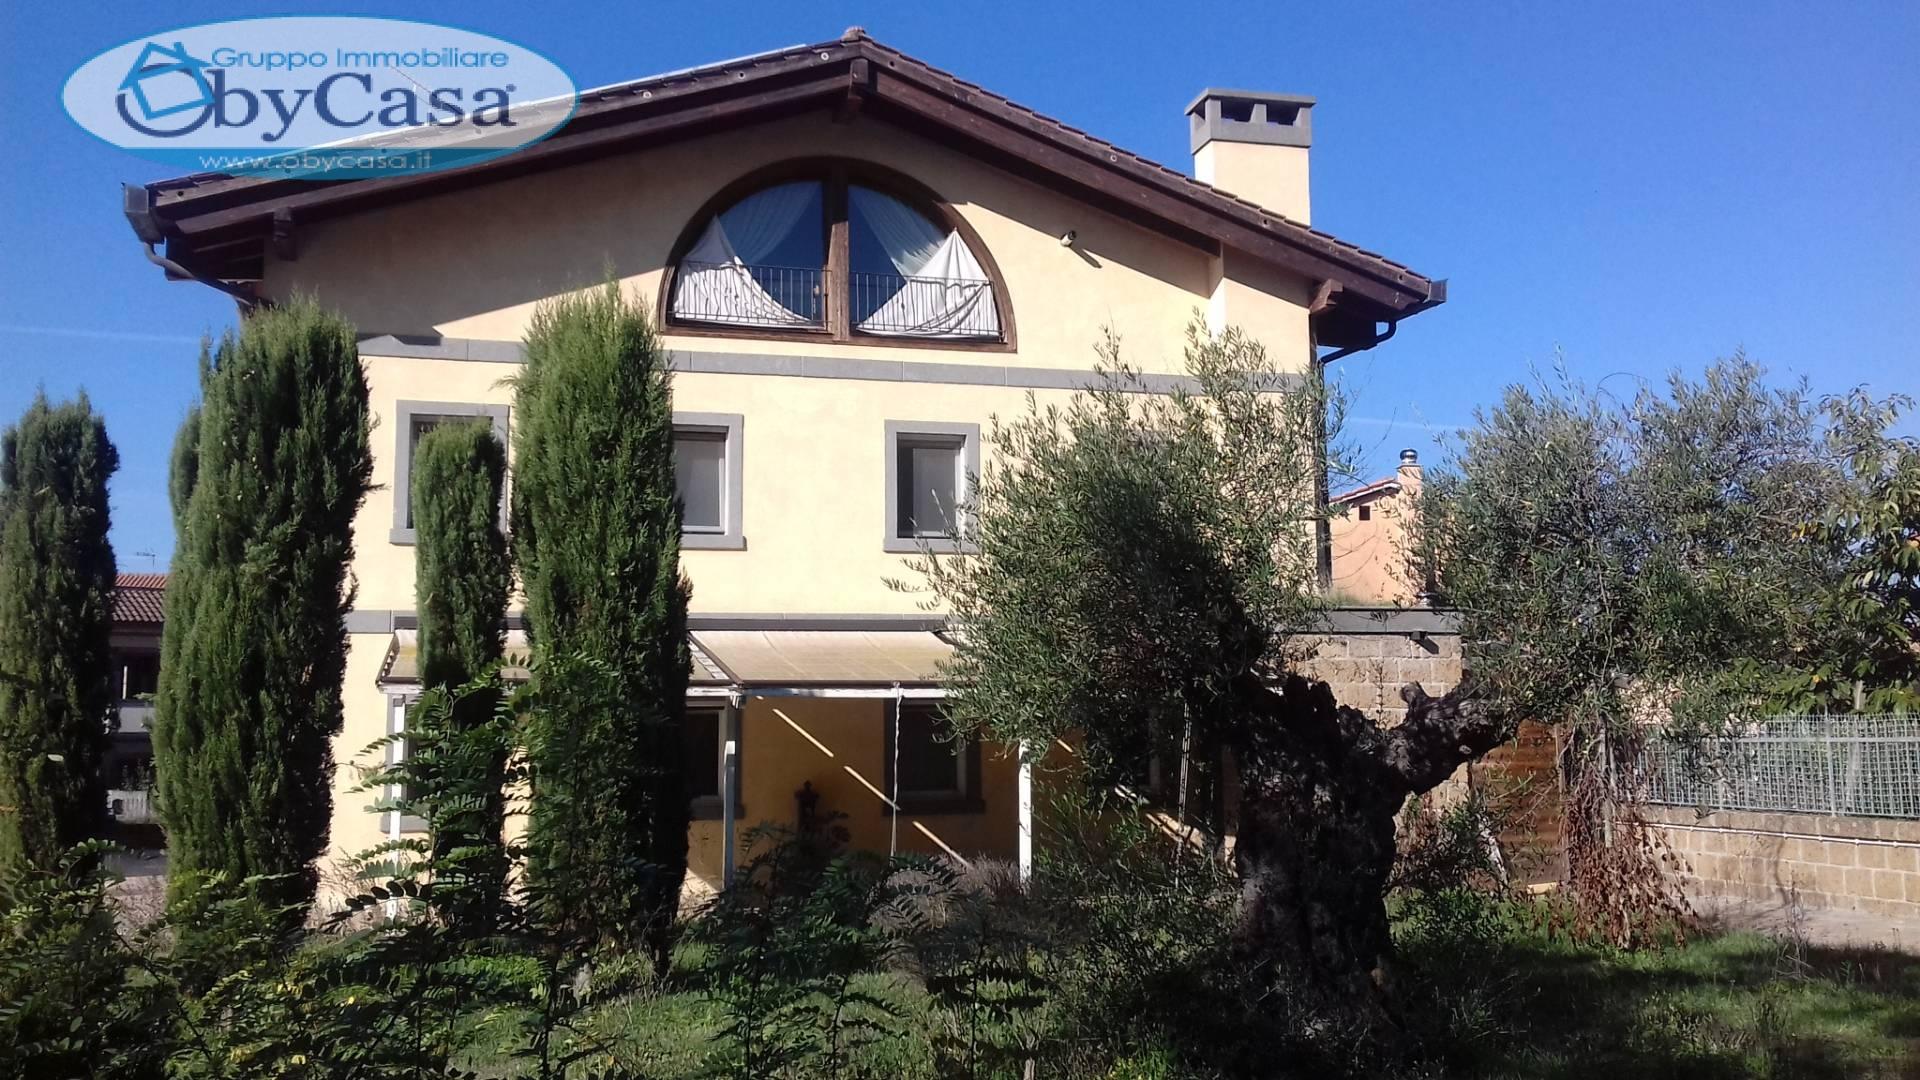 Villa in affitto a Oriolo Romano, 19 locali, prezzo € 5.000 | CambioCasa.it